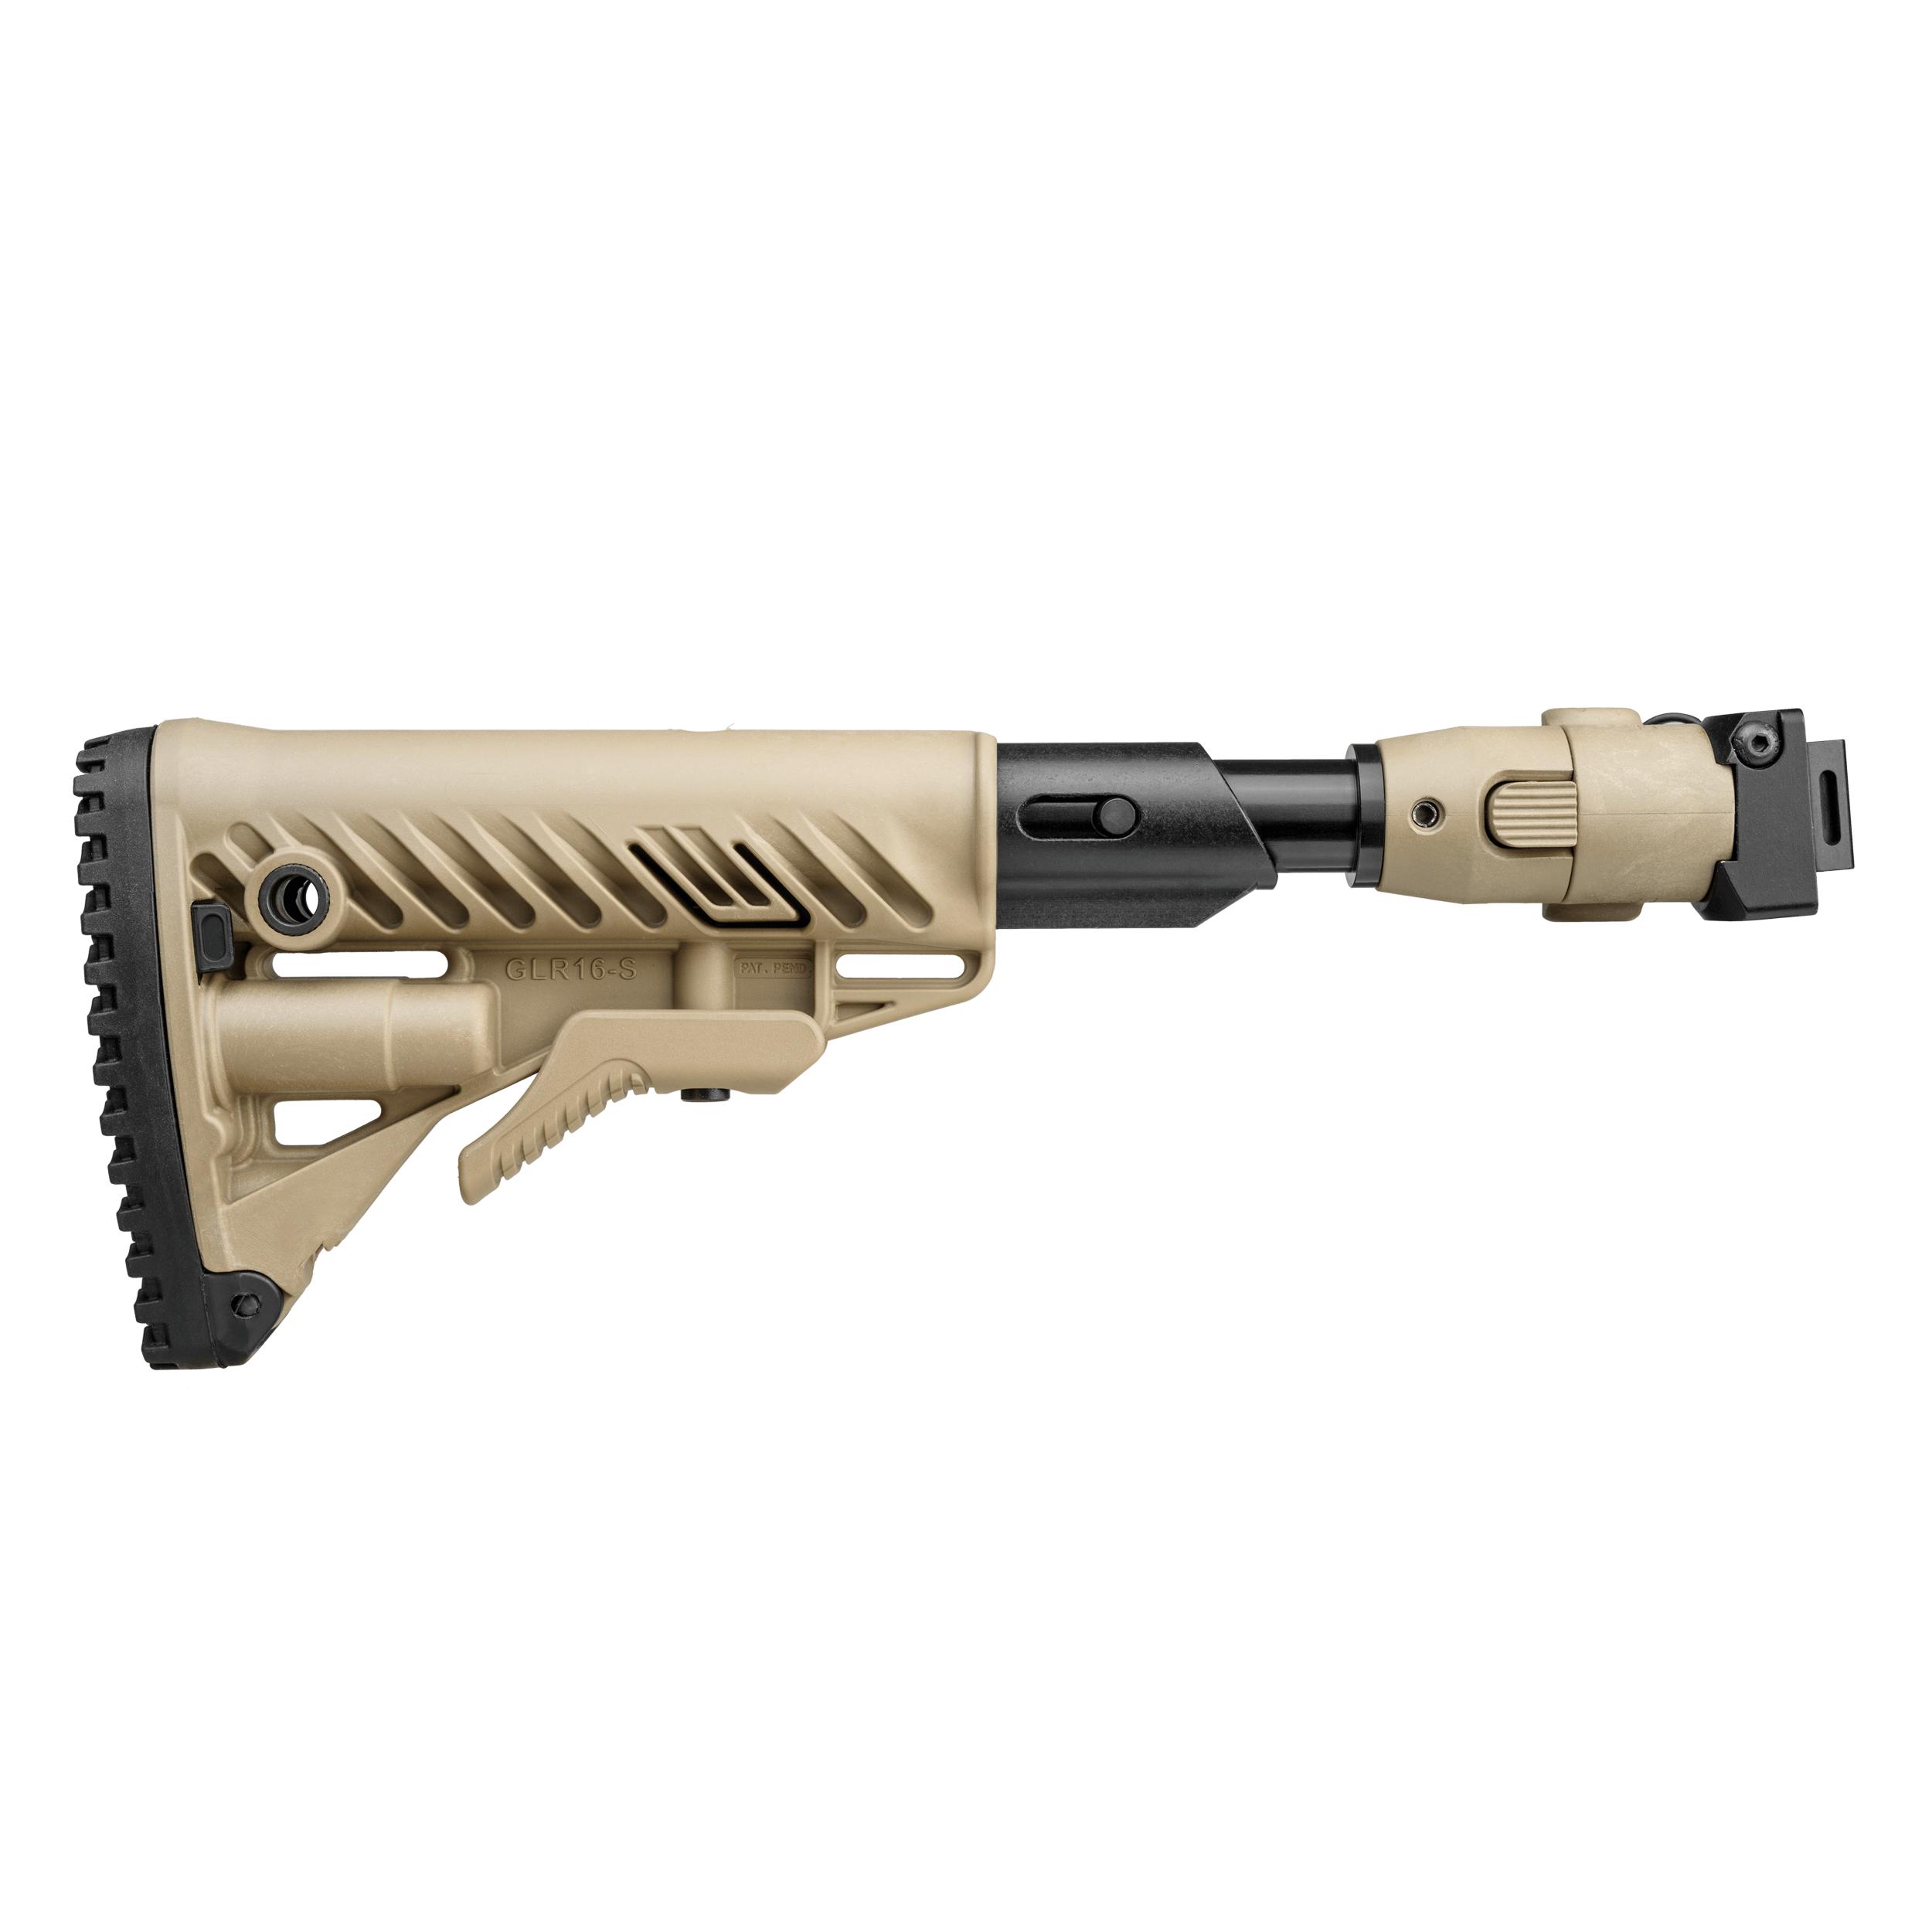 AKS-74U Folding Buttstock  / Shock Absorbing